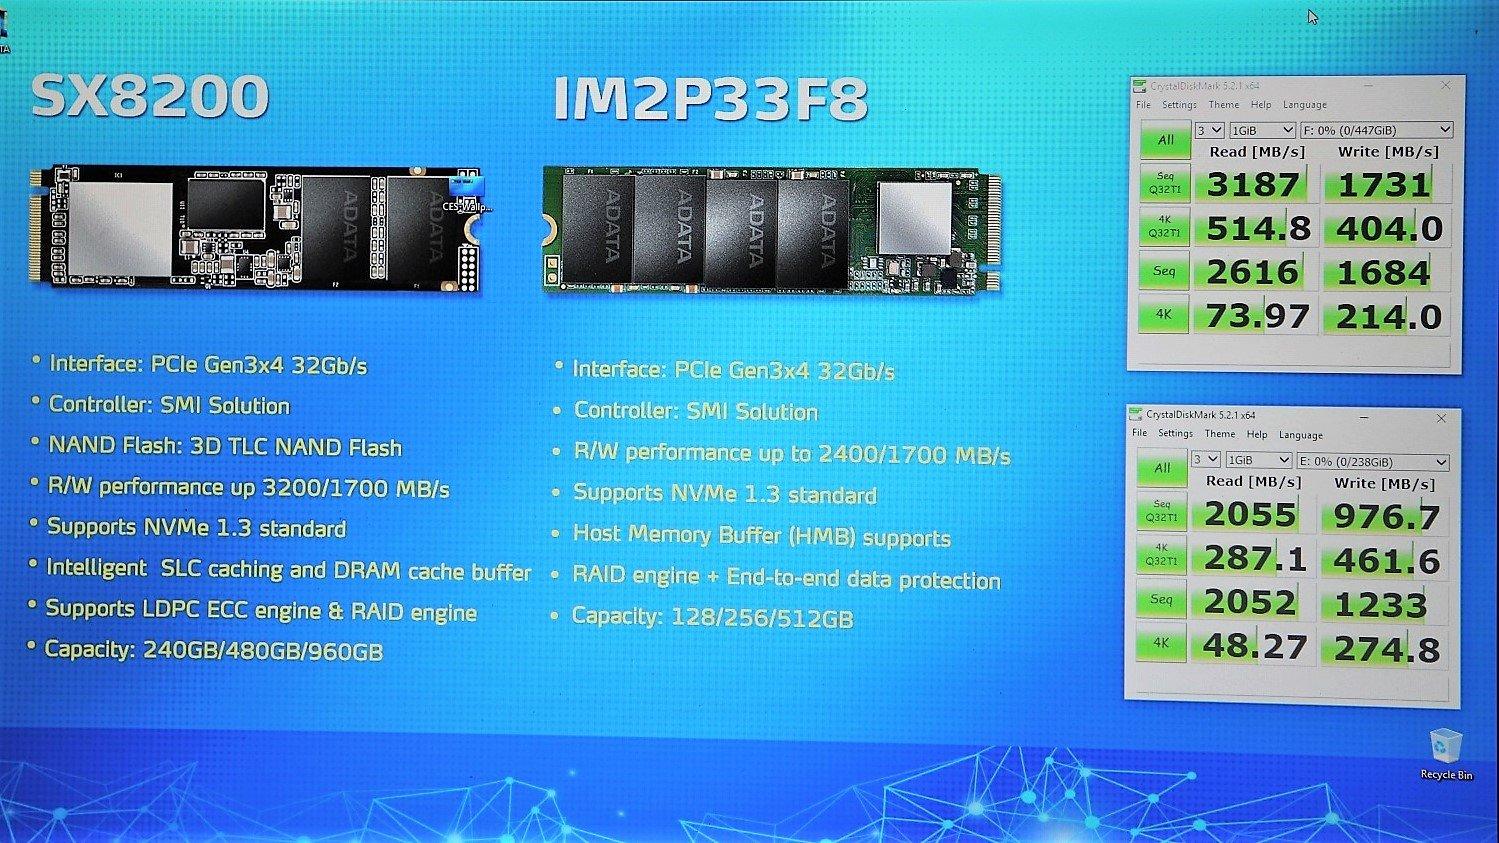 Adata SX8200 (Client) und IM2P33F8 (Server)